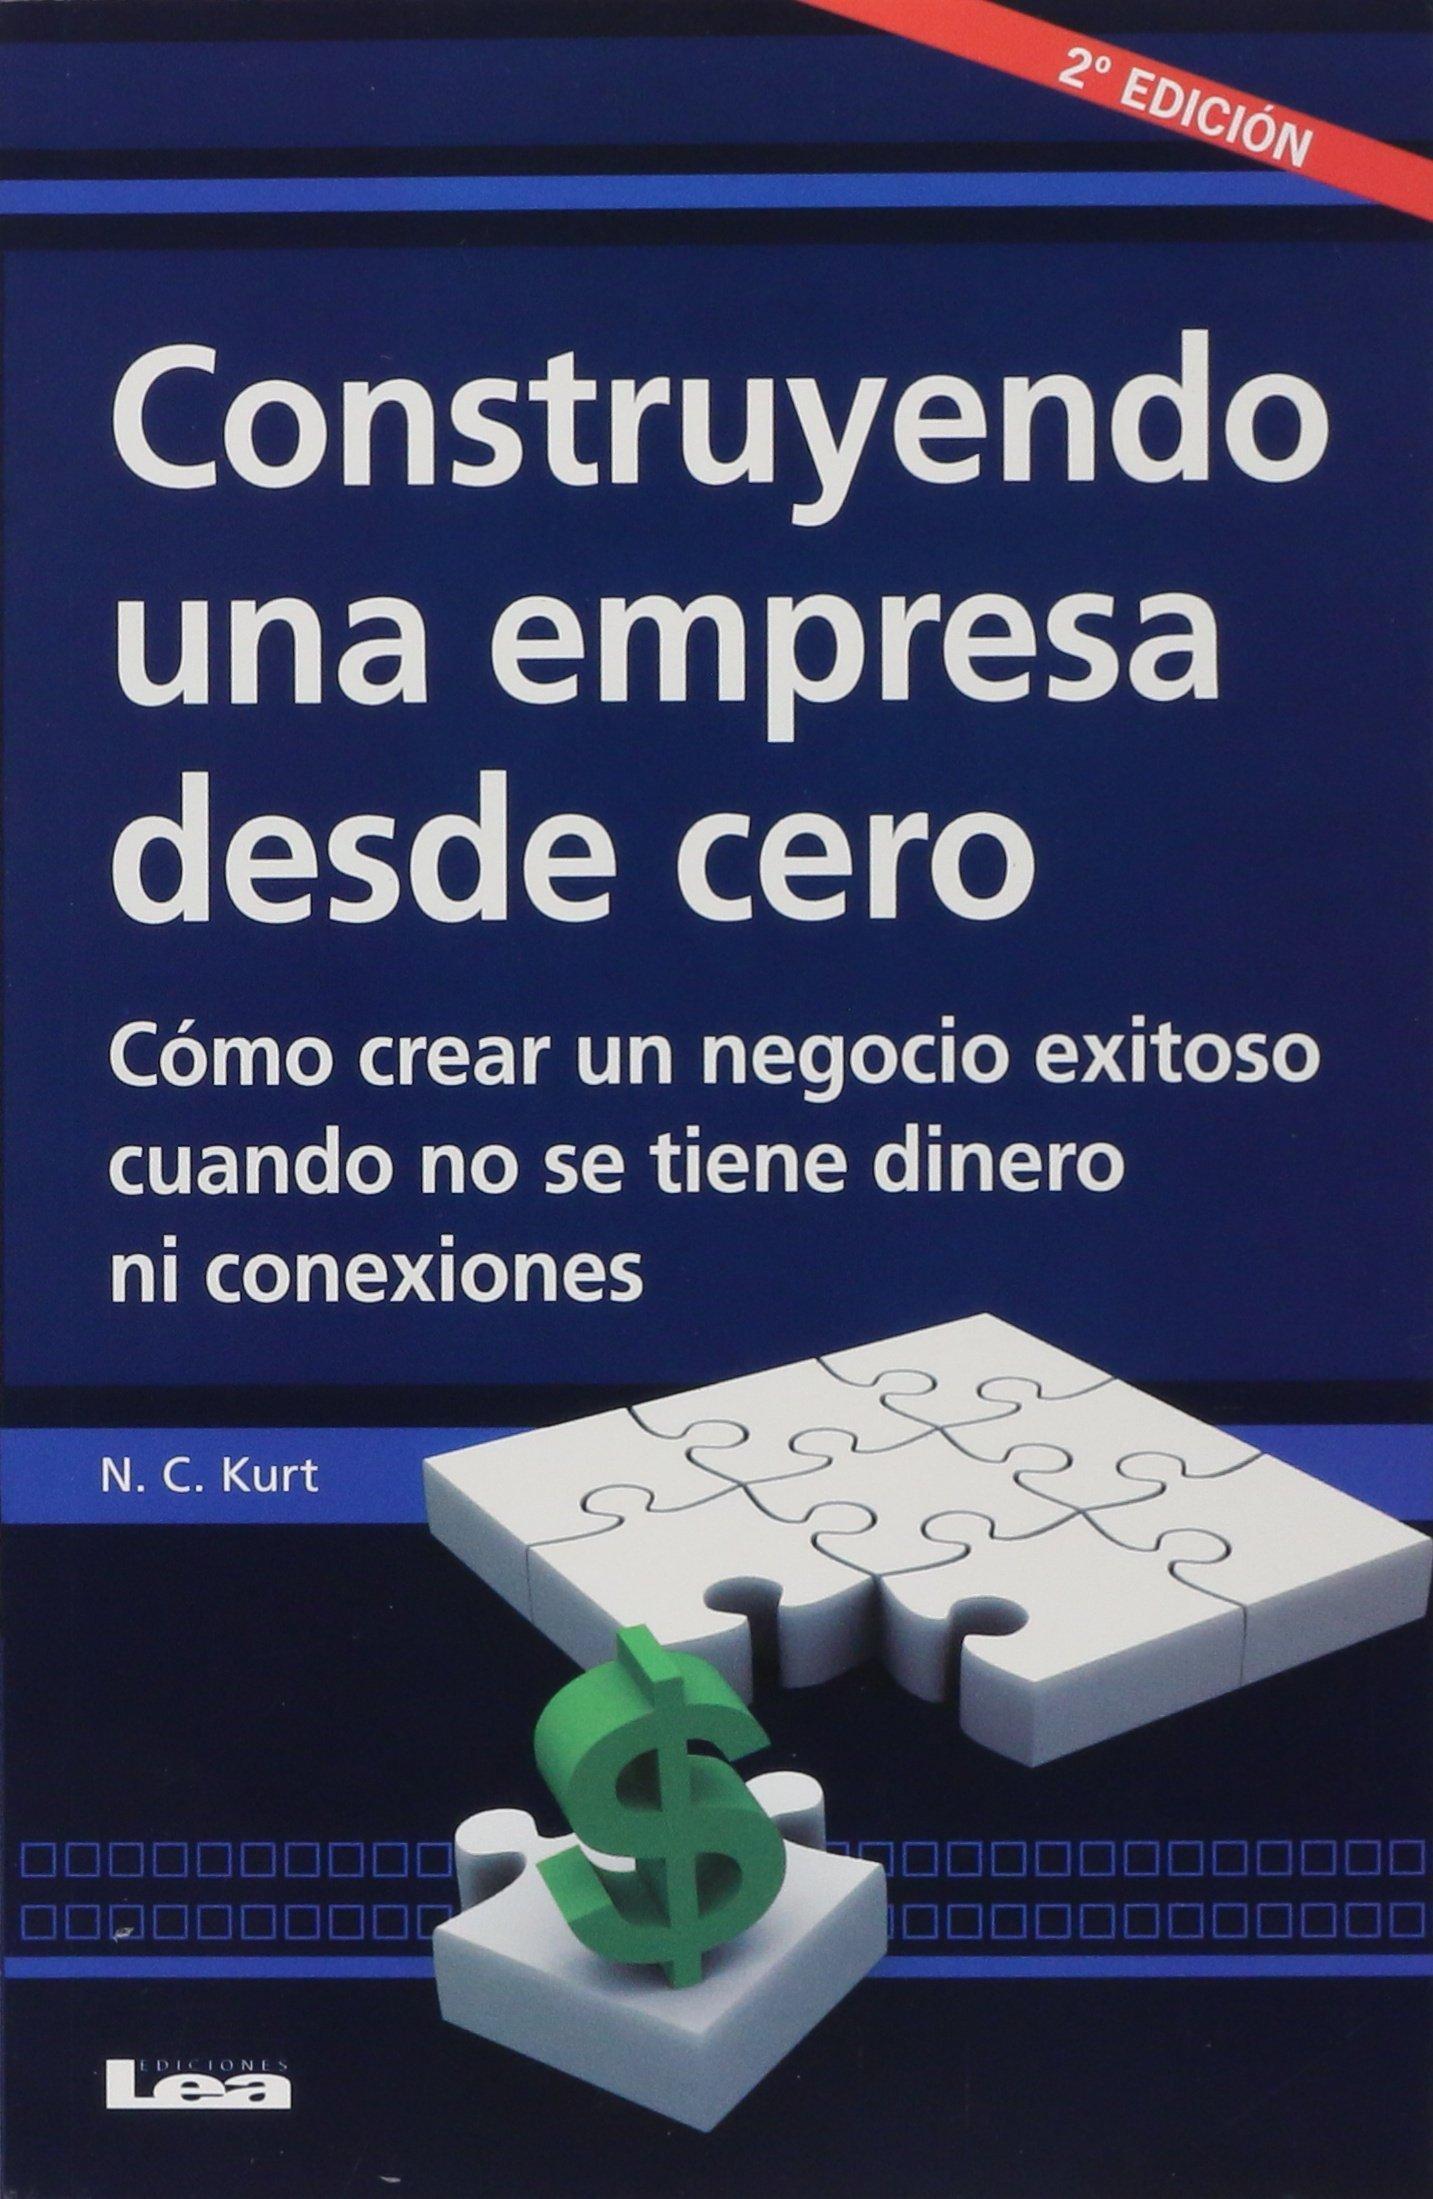 Construyendo una empresa desde cero: Cómo crear un negocio exitoso cuando no se tiene dinero ni conexiones (Emprendedores / Entrepreneurs) (Spanish Edition)